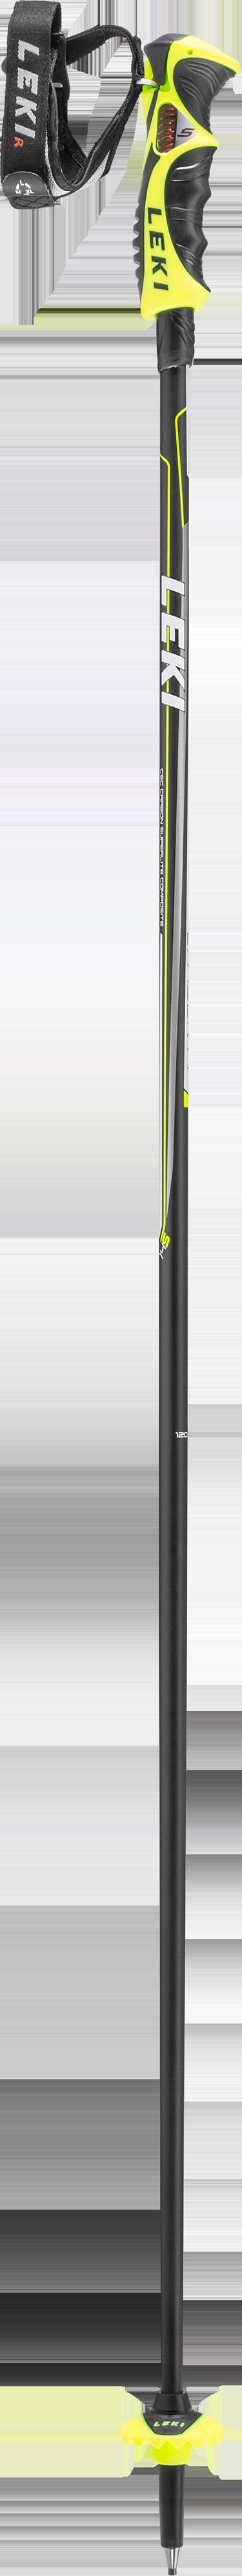 Carbon 14S 125cm